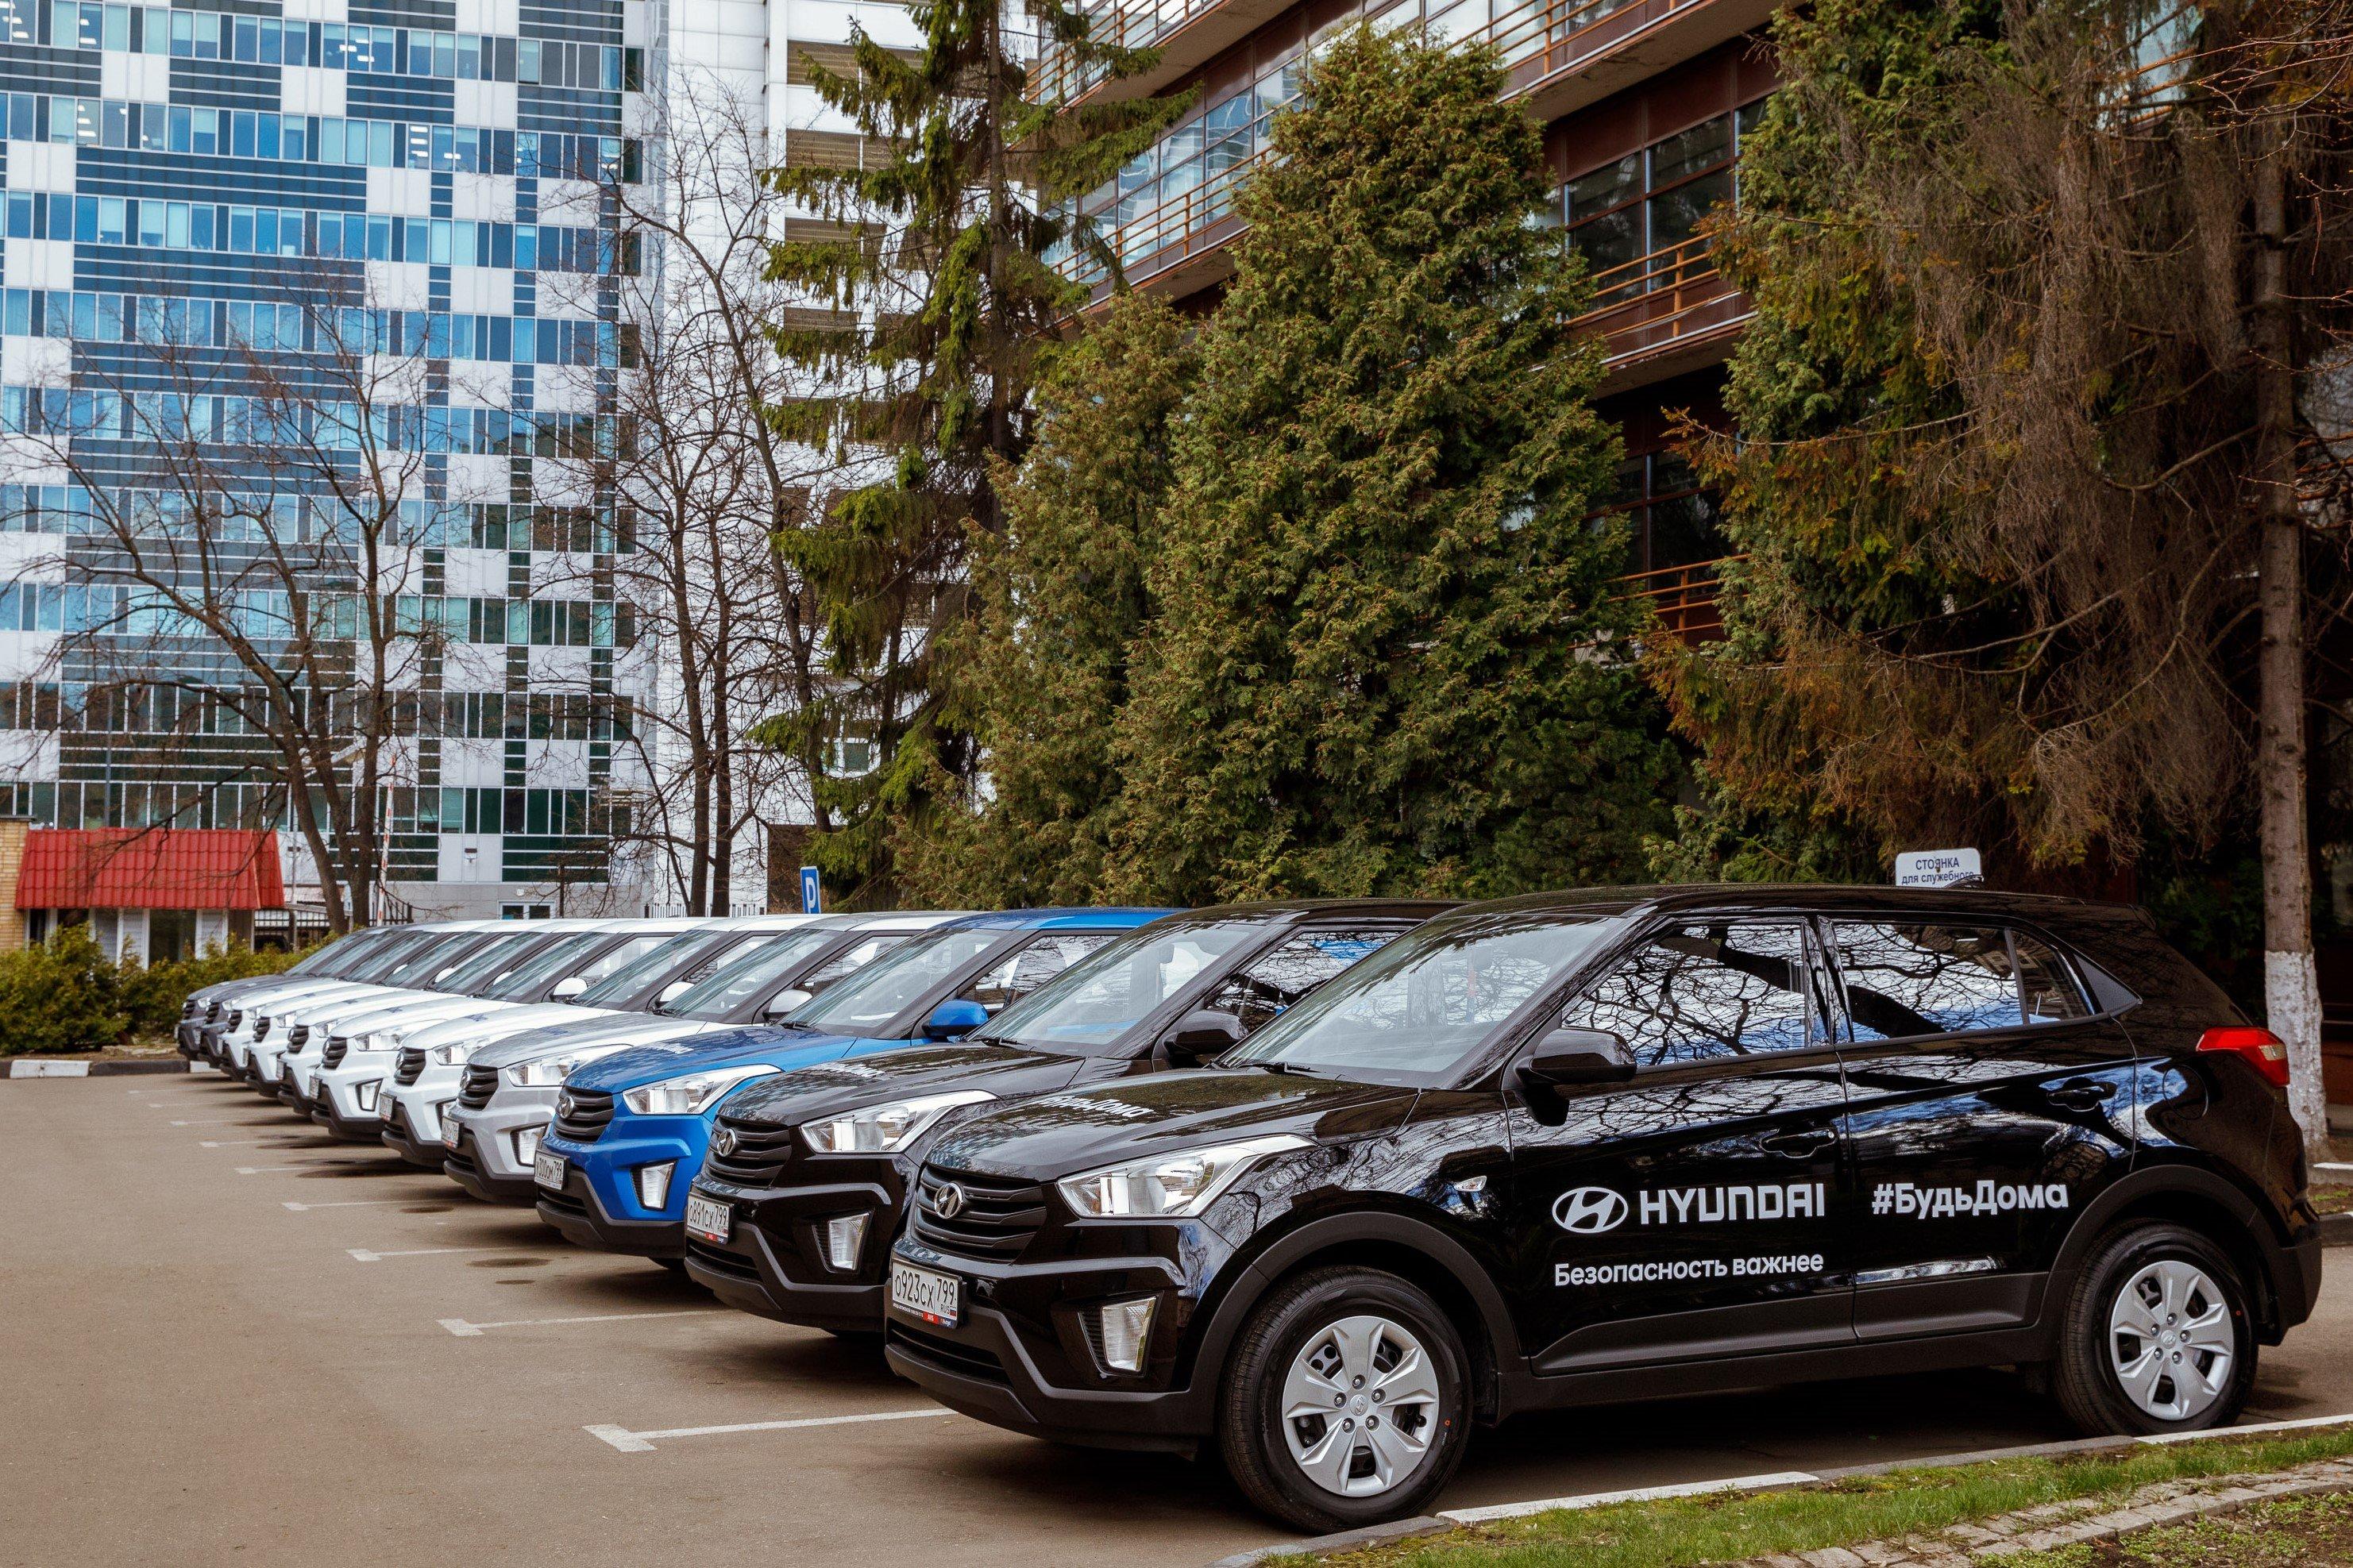 ЦОДД рассказал, водители каких регионов ездят по Москве без пропуска